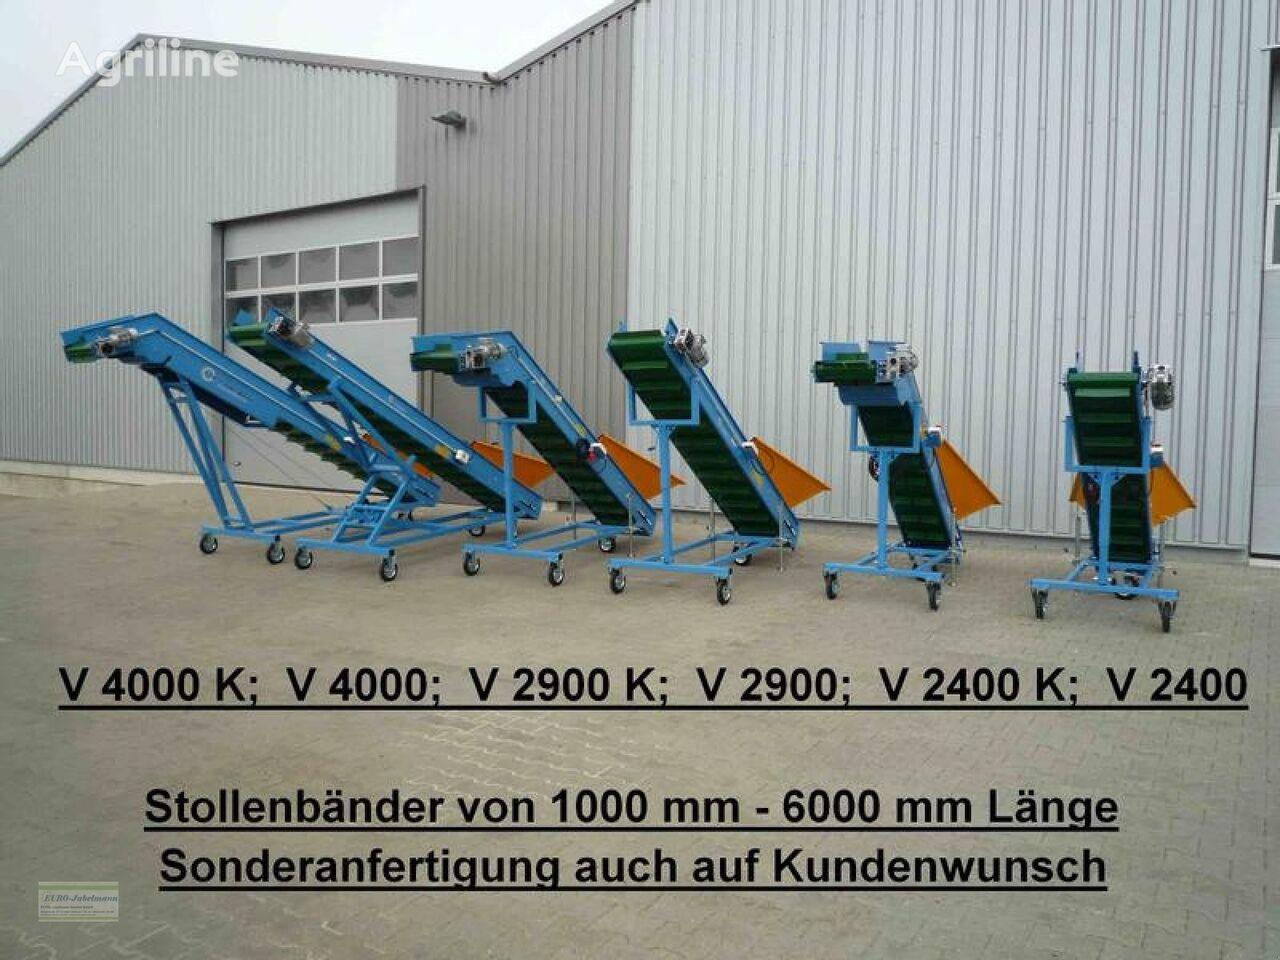 neue Länge: 1000 - 6000 mm, eigene Herstellung (Made in Germany) Absackwaage